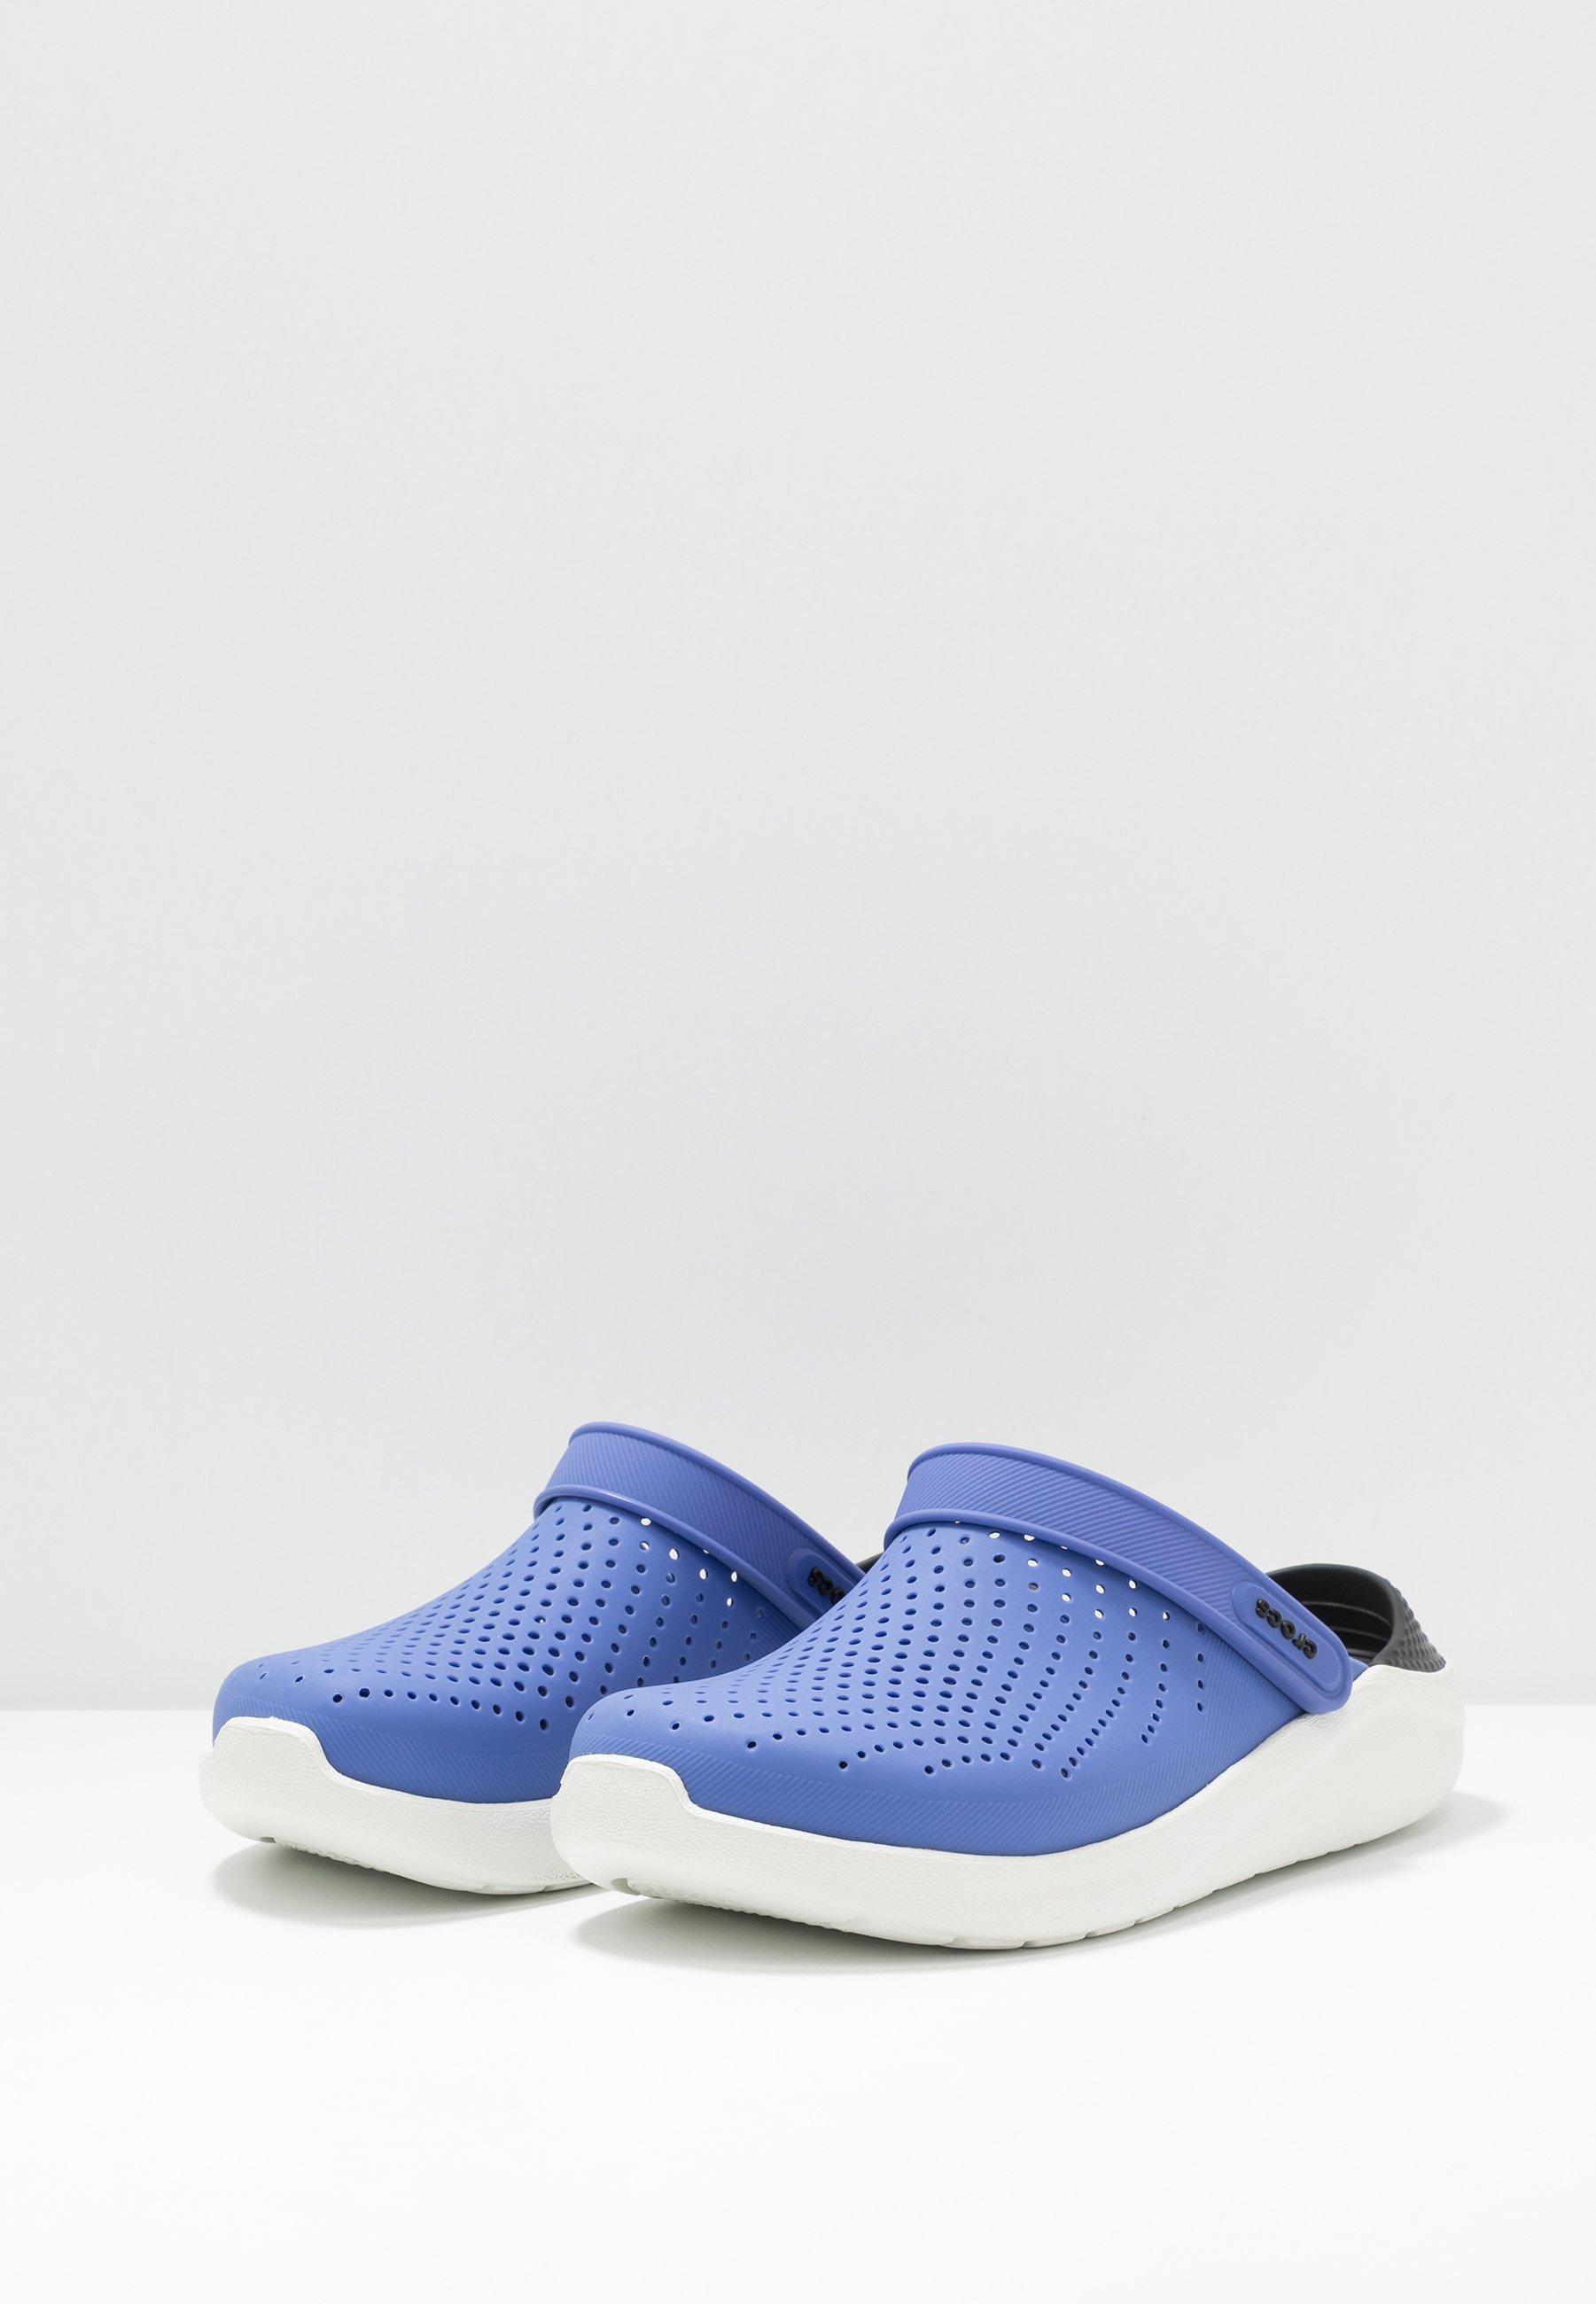 Crocs LITERIDE Pantolette flach lapis/white/blau